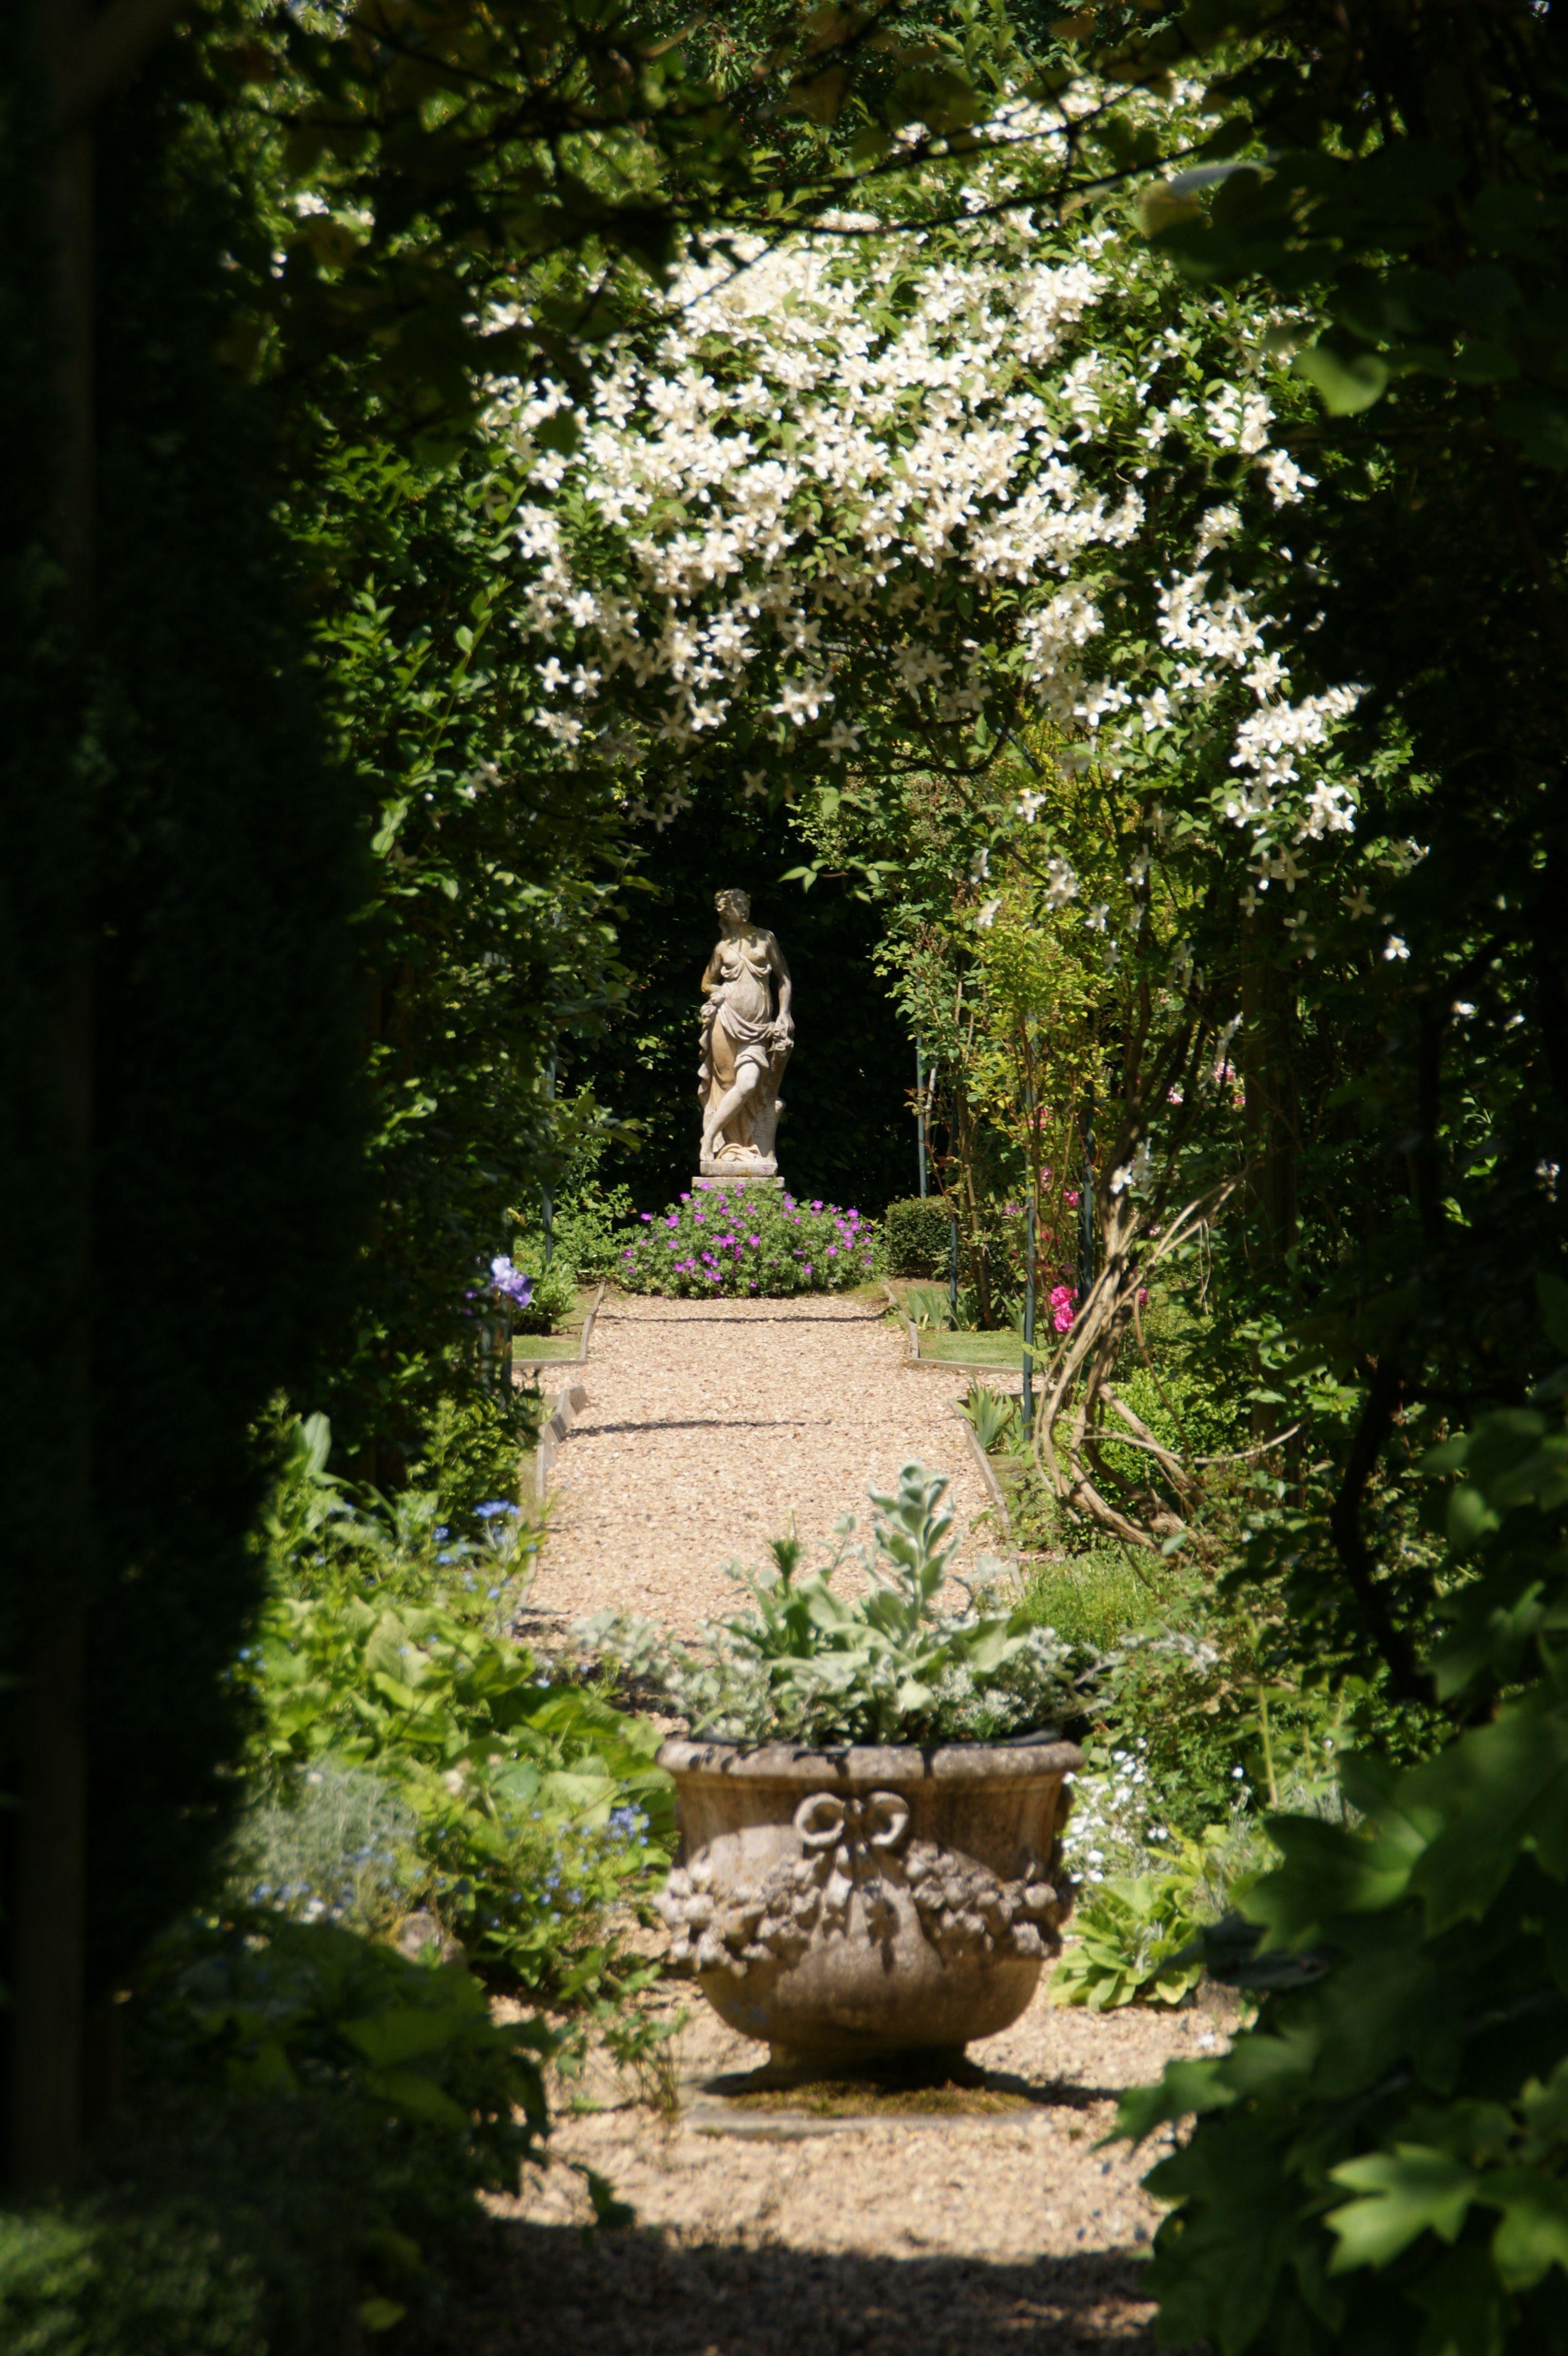 Jardins de la mansoni re orne purenormandie kennedy fr normandy pinterest normandy and - Jardin contemporain athis de l orne nantes ...